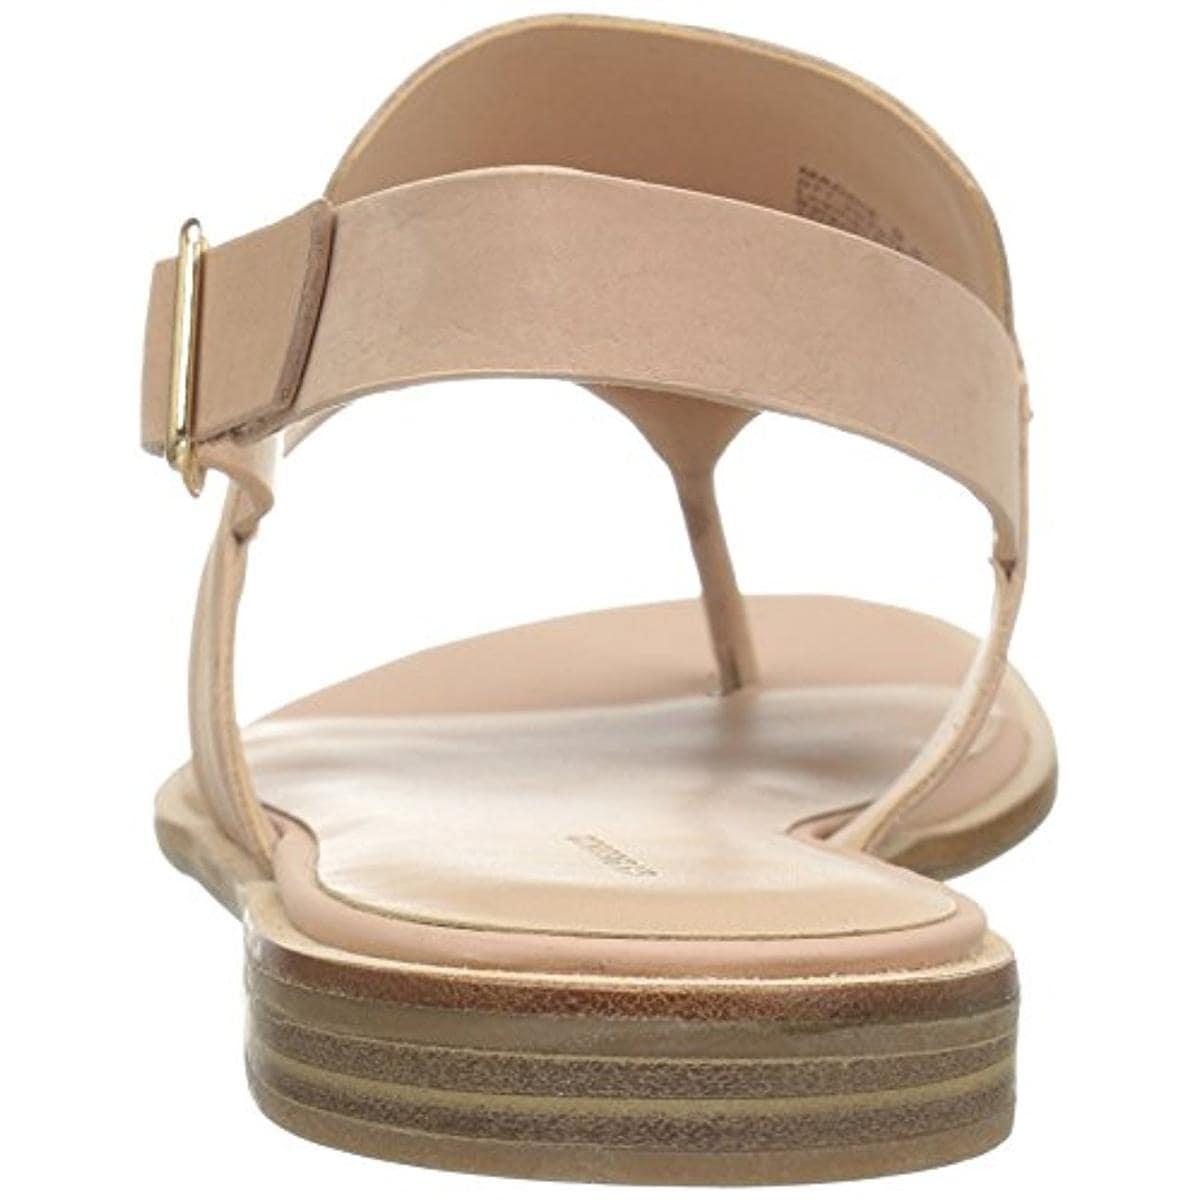 5ea885cae62 G.H. Bass & Co. Womens Maddie Thong Sandals Open Toe Causal - 7.5 medium  (b,m)